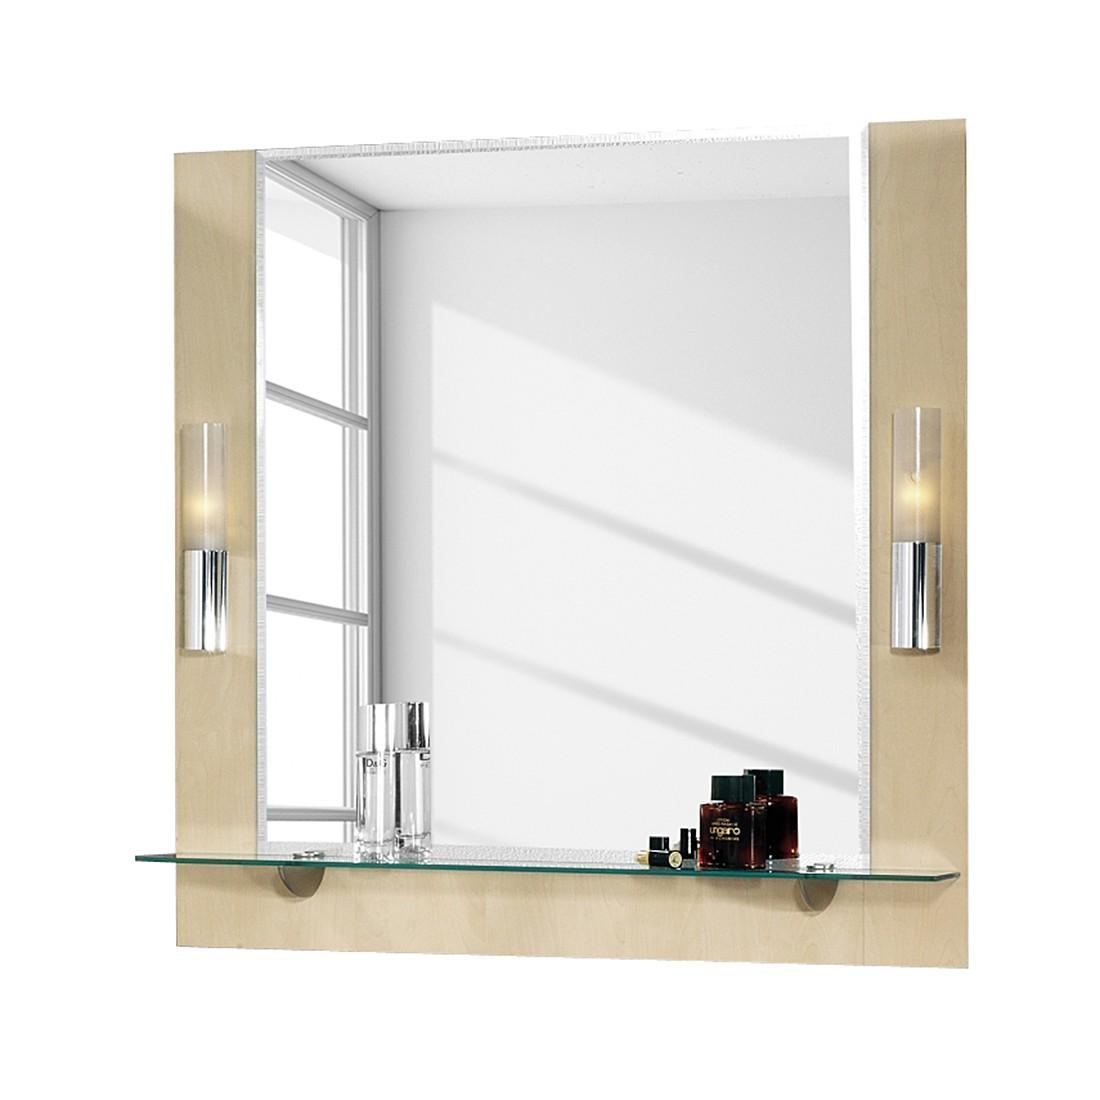 spiegelelement domino mit glasablage beleuchtung birke dekor fackelmann jetzt bestellen. Black Bedroom Furniture Sets. Home Design Ideas